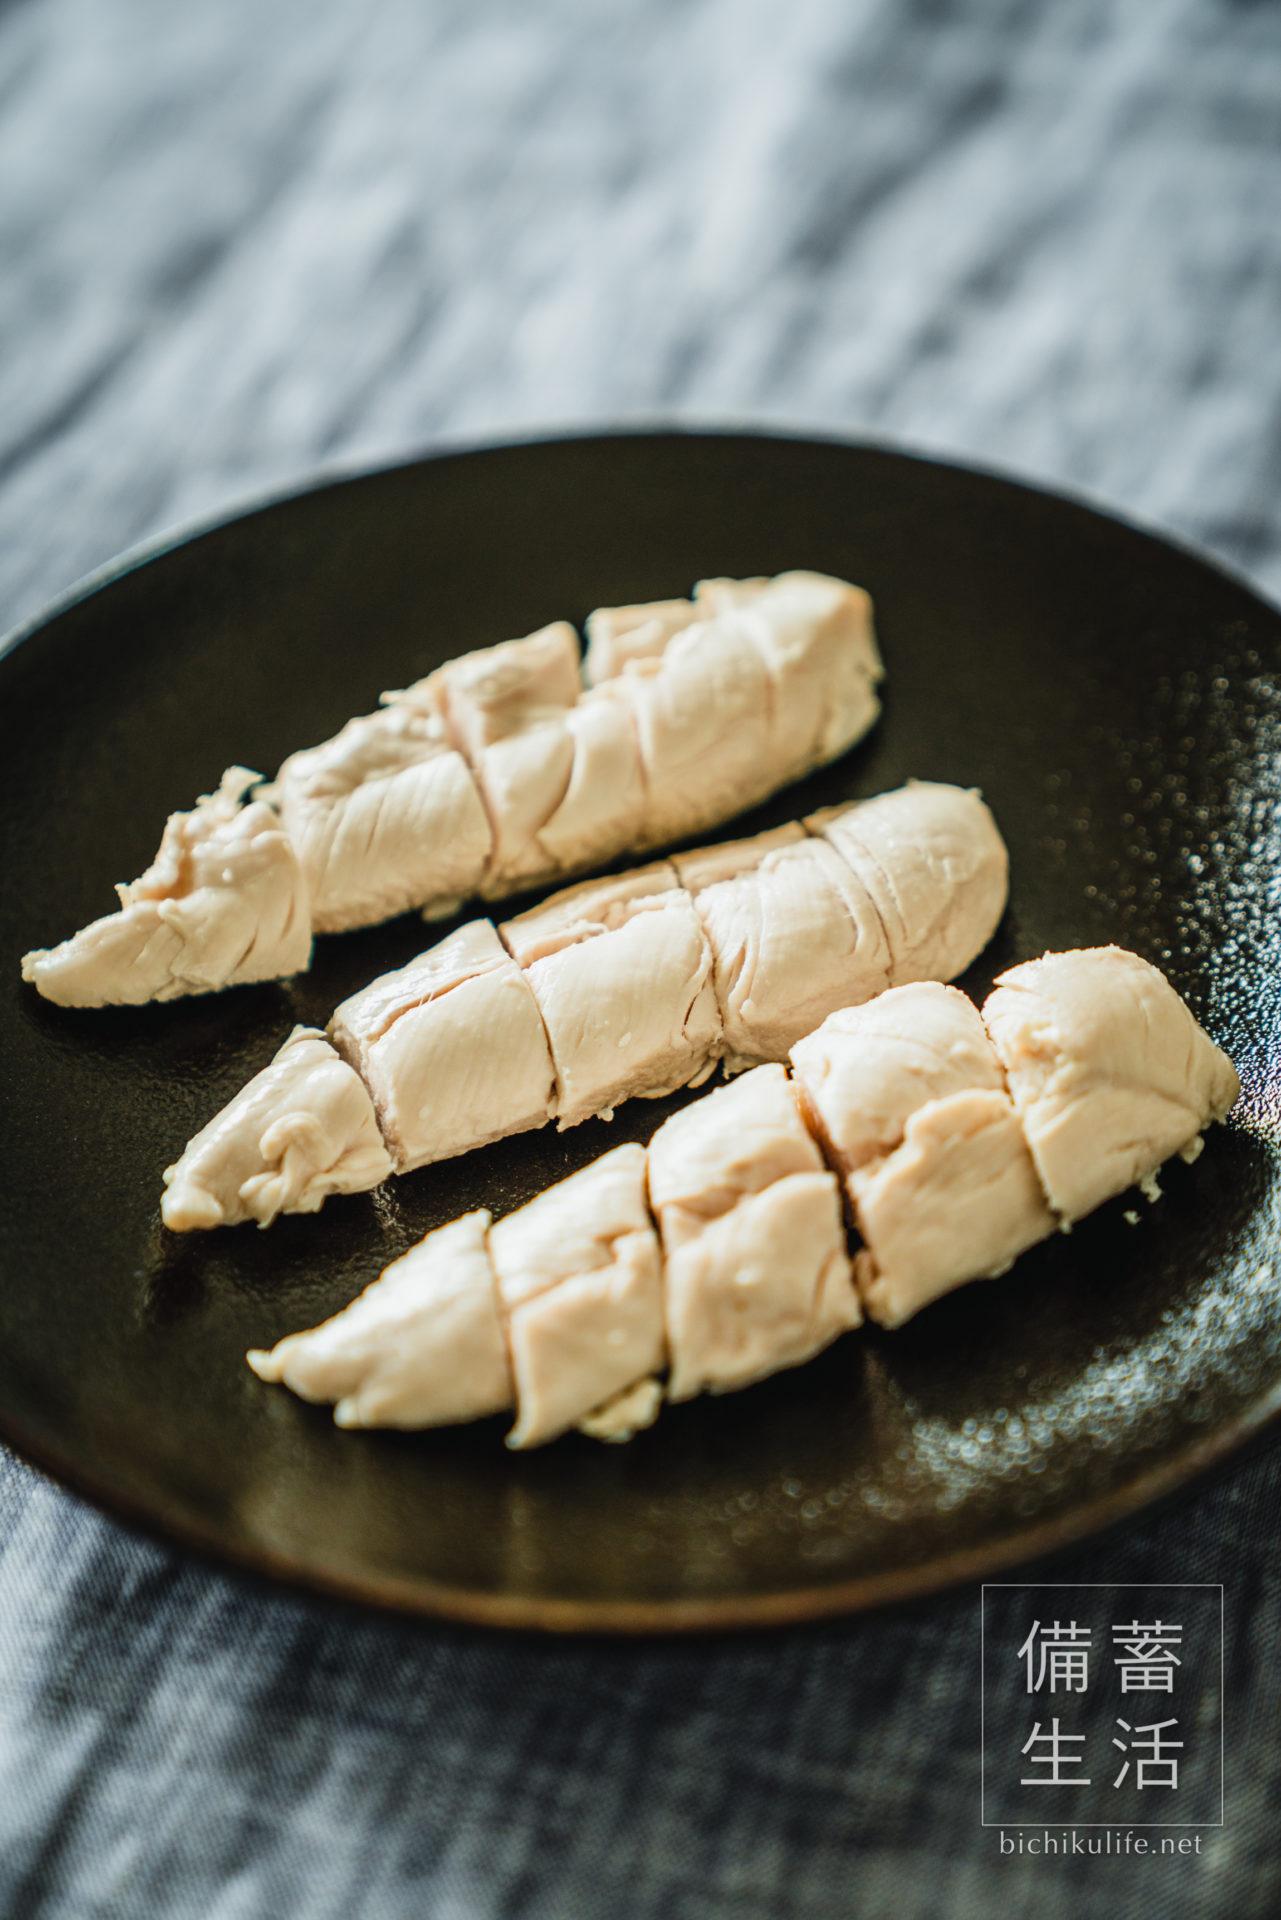 鶏ささみのぬか漬けの作り方とコツ